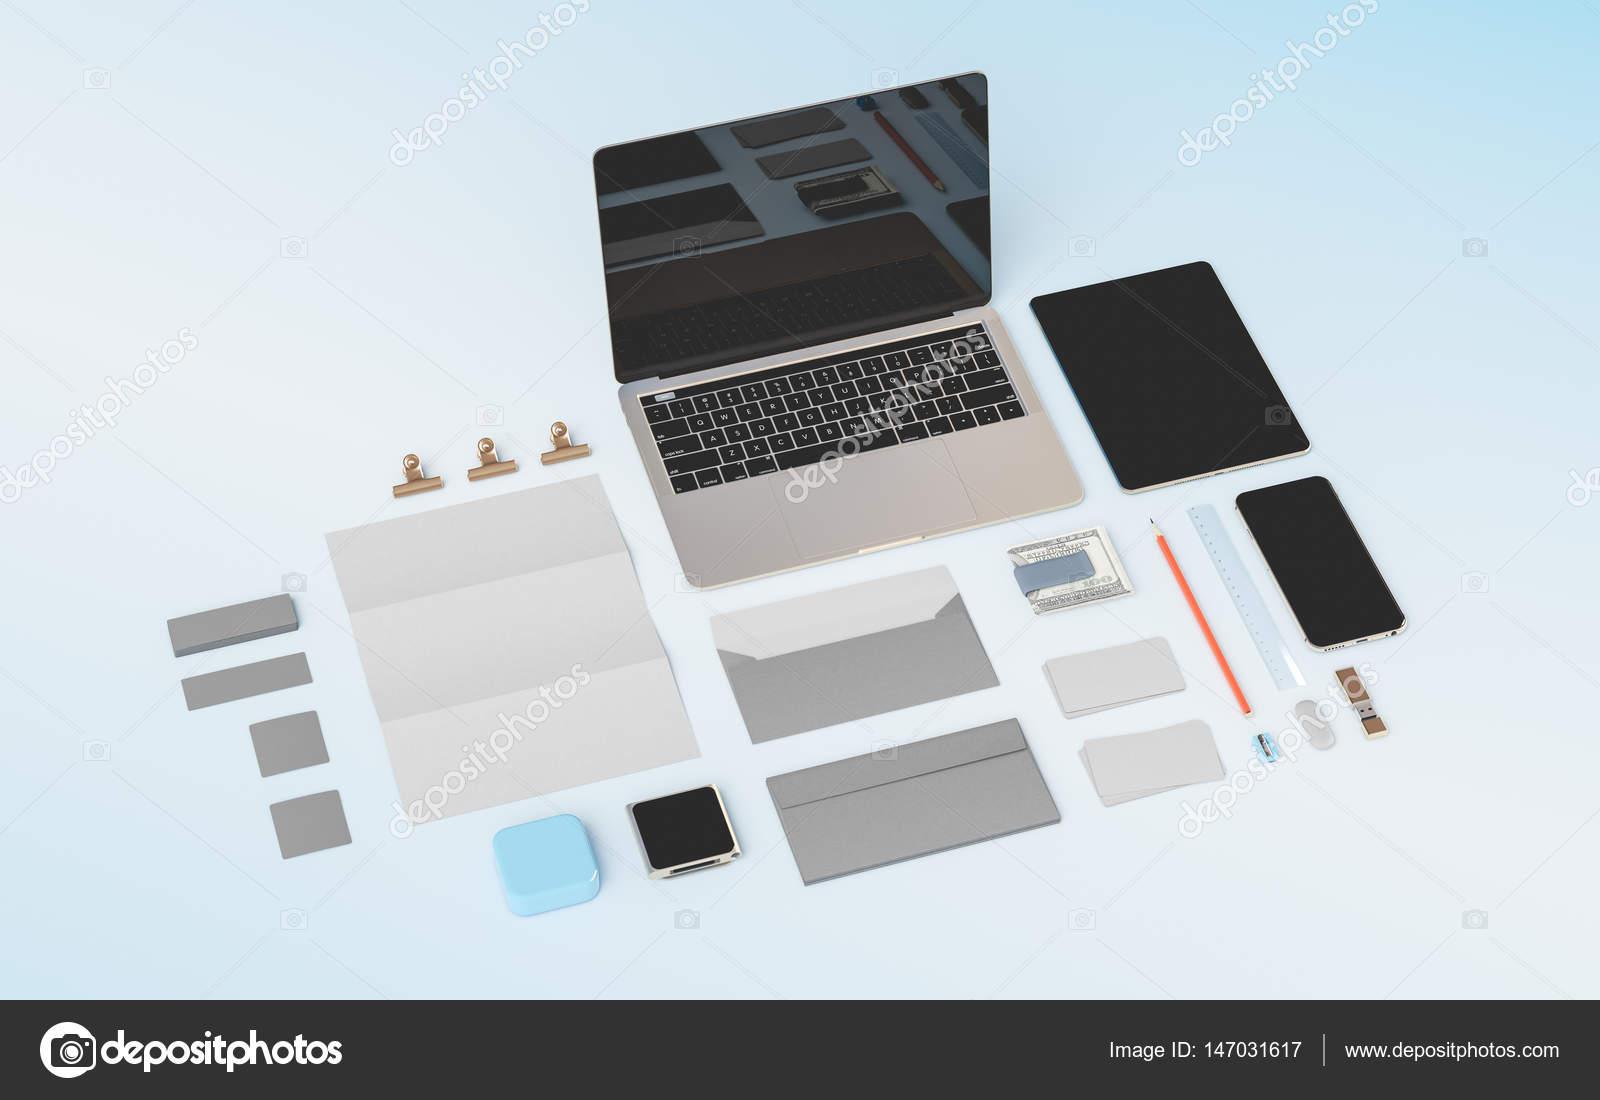 Forniture Per Ufficio : Prodotti a marchio modello mockup forniture per ufficio gadget